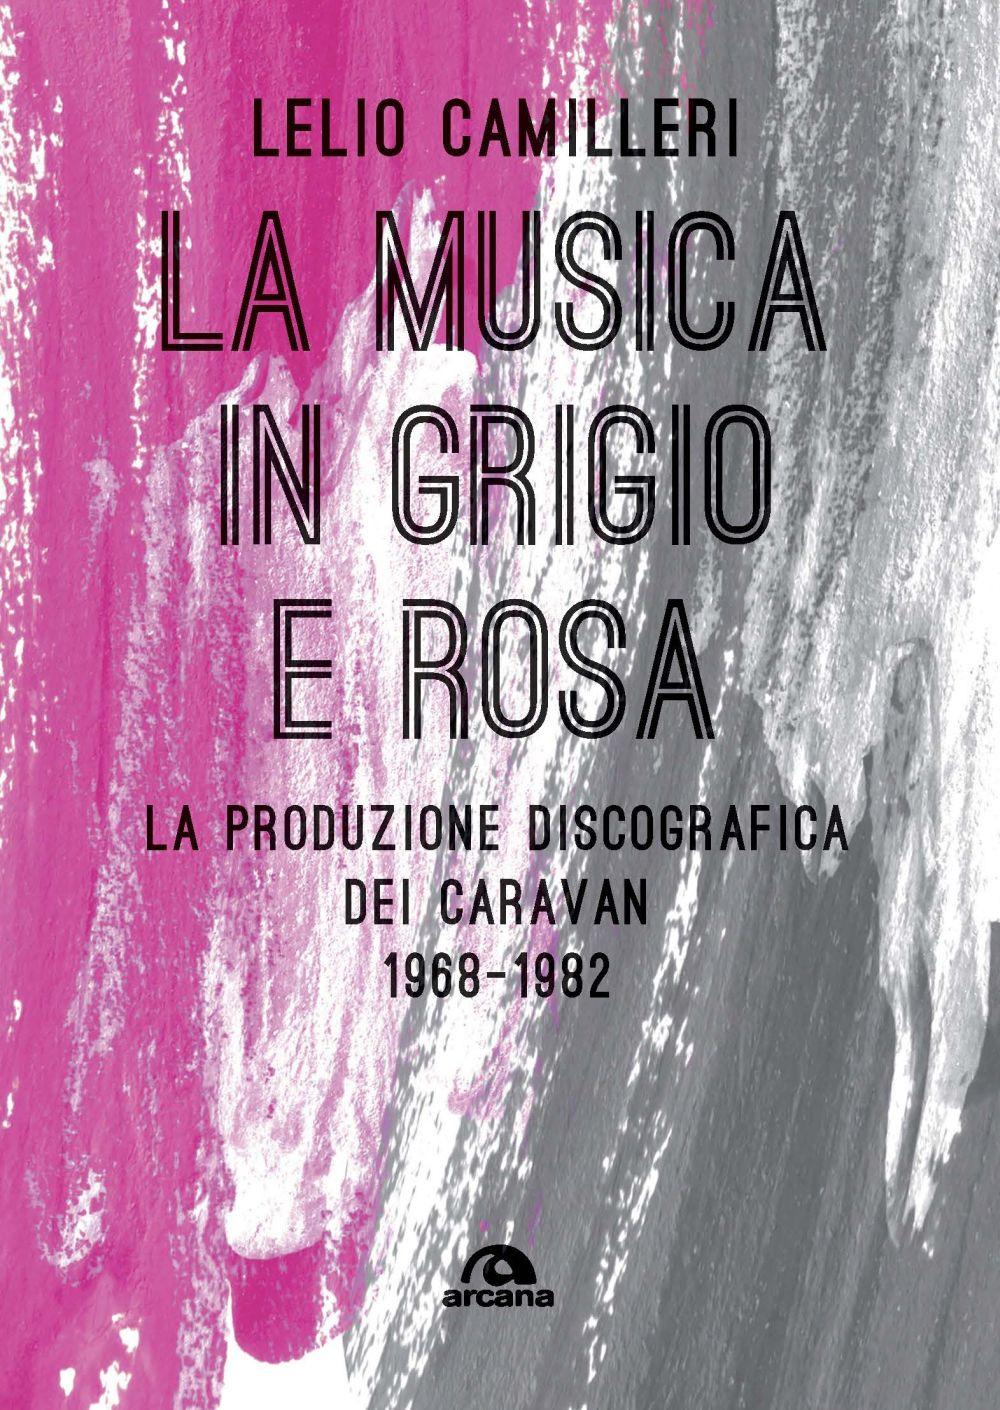 MUSICA IN GRIGIO E ROSA. LA PRODUZIONE DISCOGRAFICA DEI CARAVAN 1968-1982 (LA) - 9788862318167